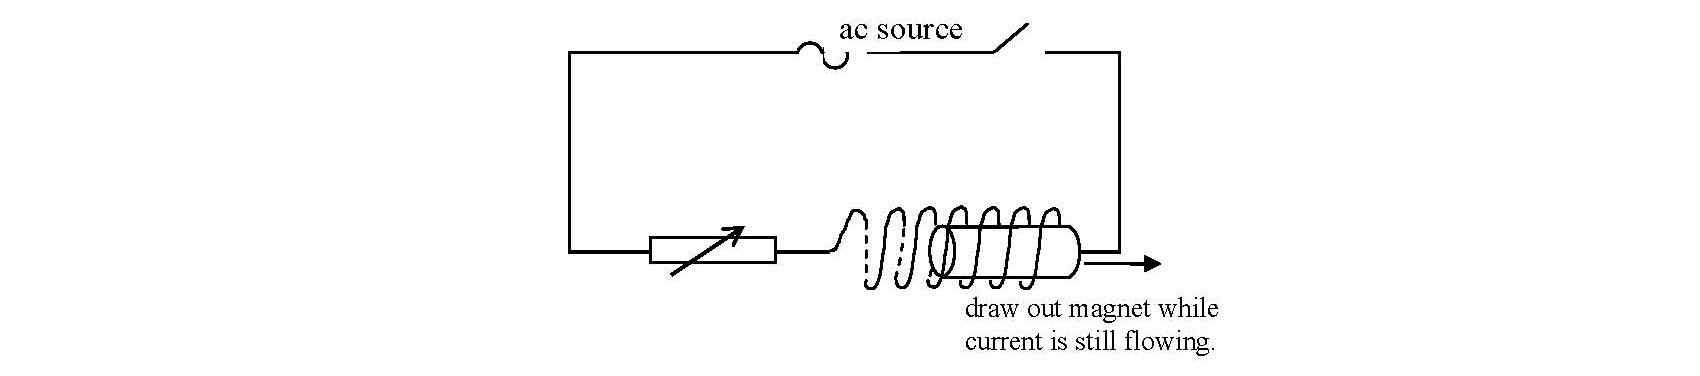 Demagnetisation using alternating current (a.c.)